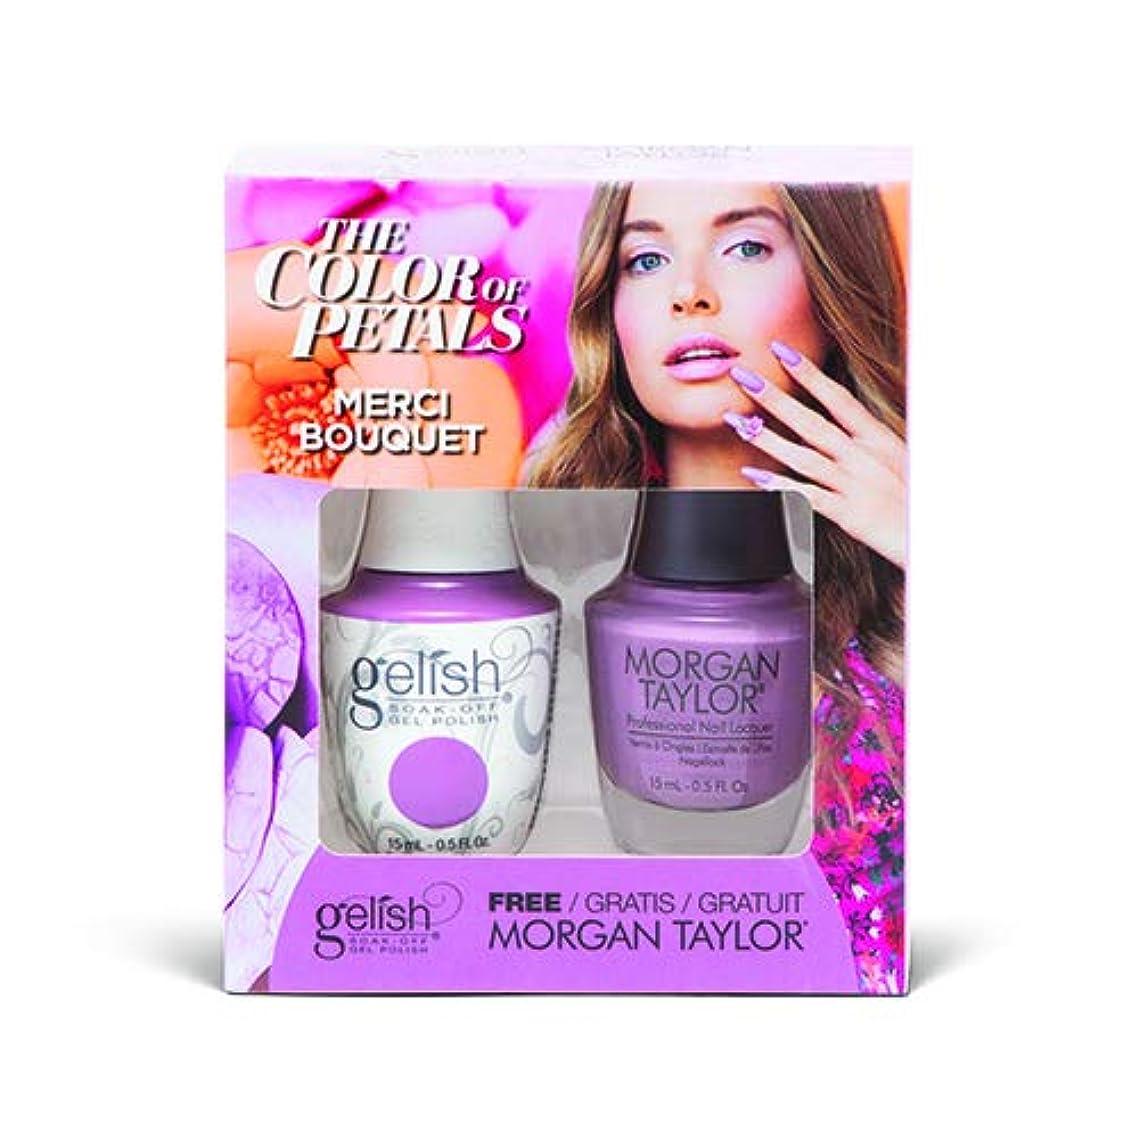 補体ランドリー常習者Harmony Gelish - Two Of A Kind - The Color Of Petals - Merci Bouquet - 15 mL / 0.5 Oz